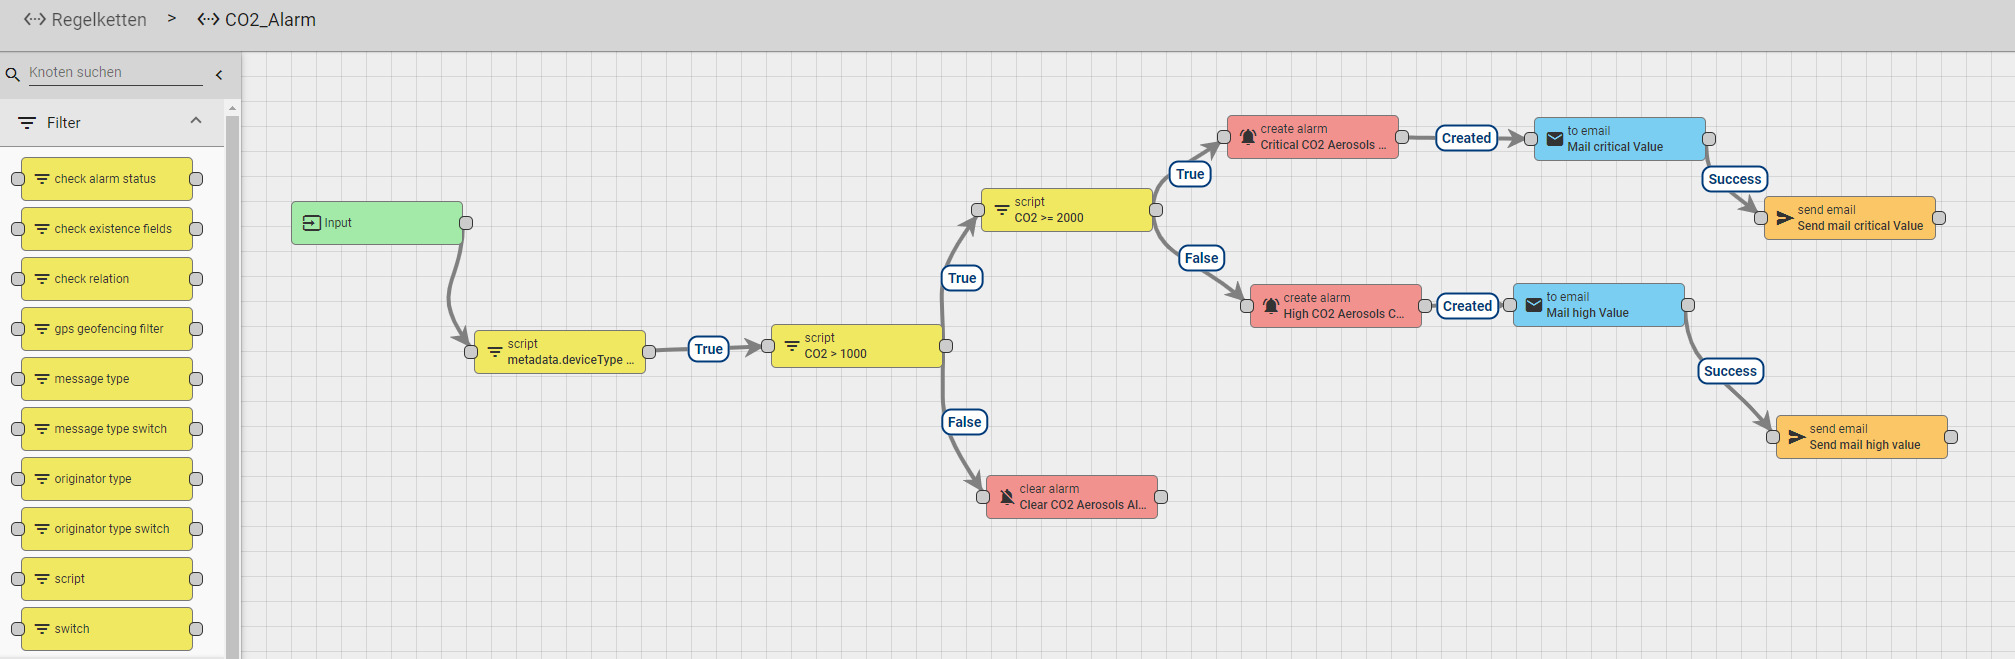 Beispiel einer Alarmregelkette in Thingsboard (Bild: IT-Novum GmbH)